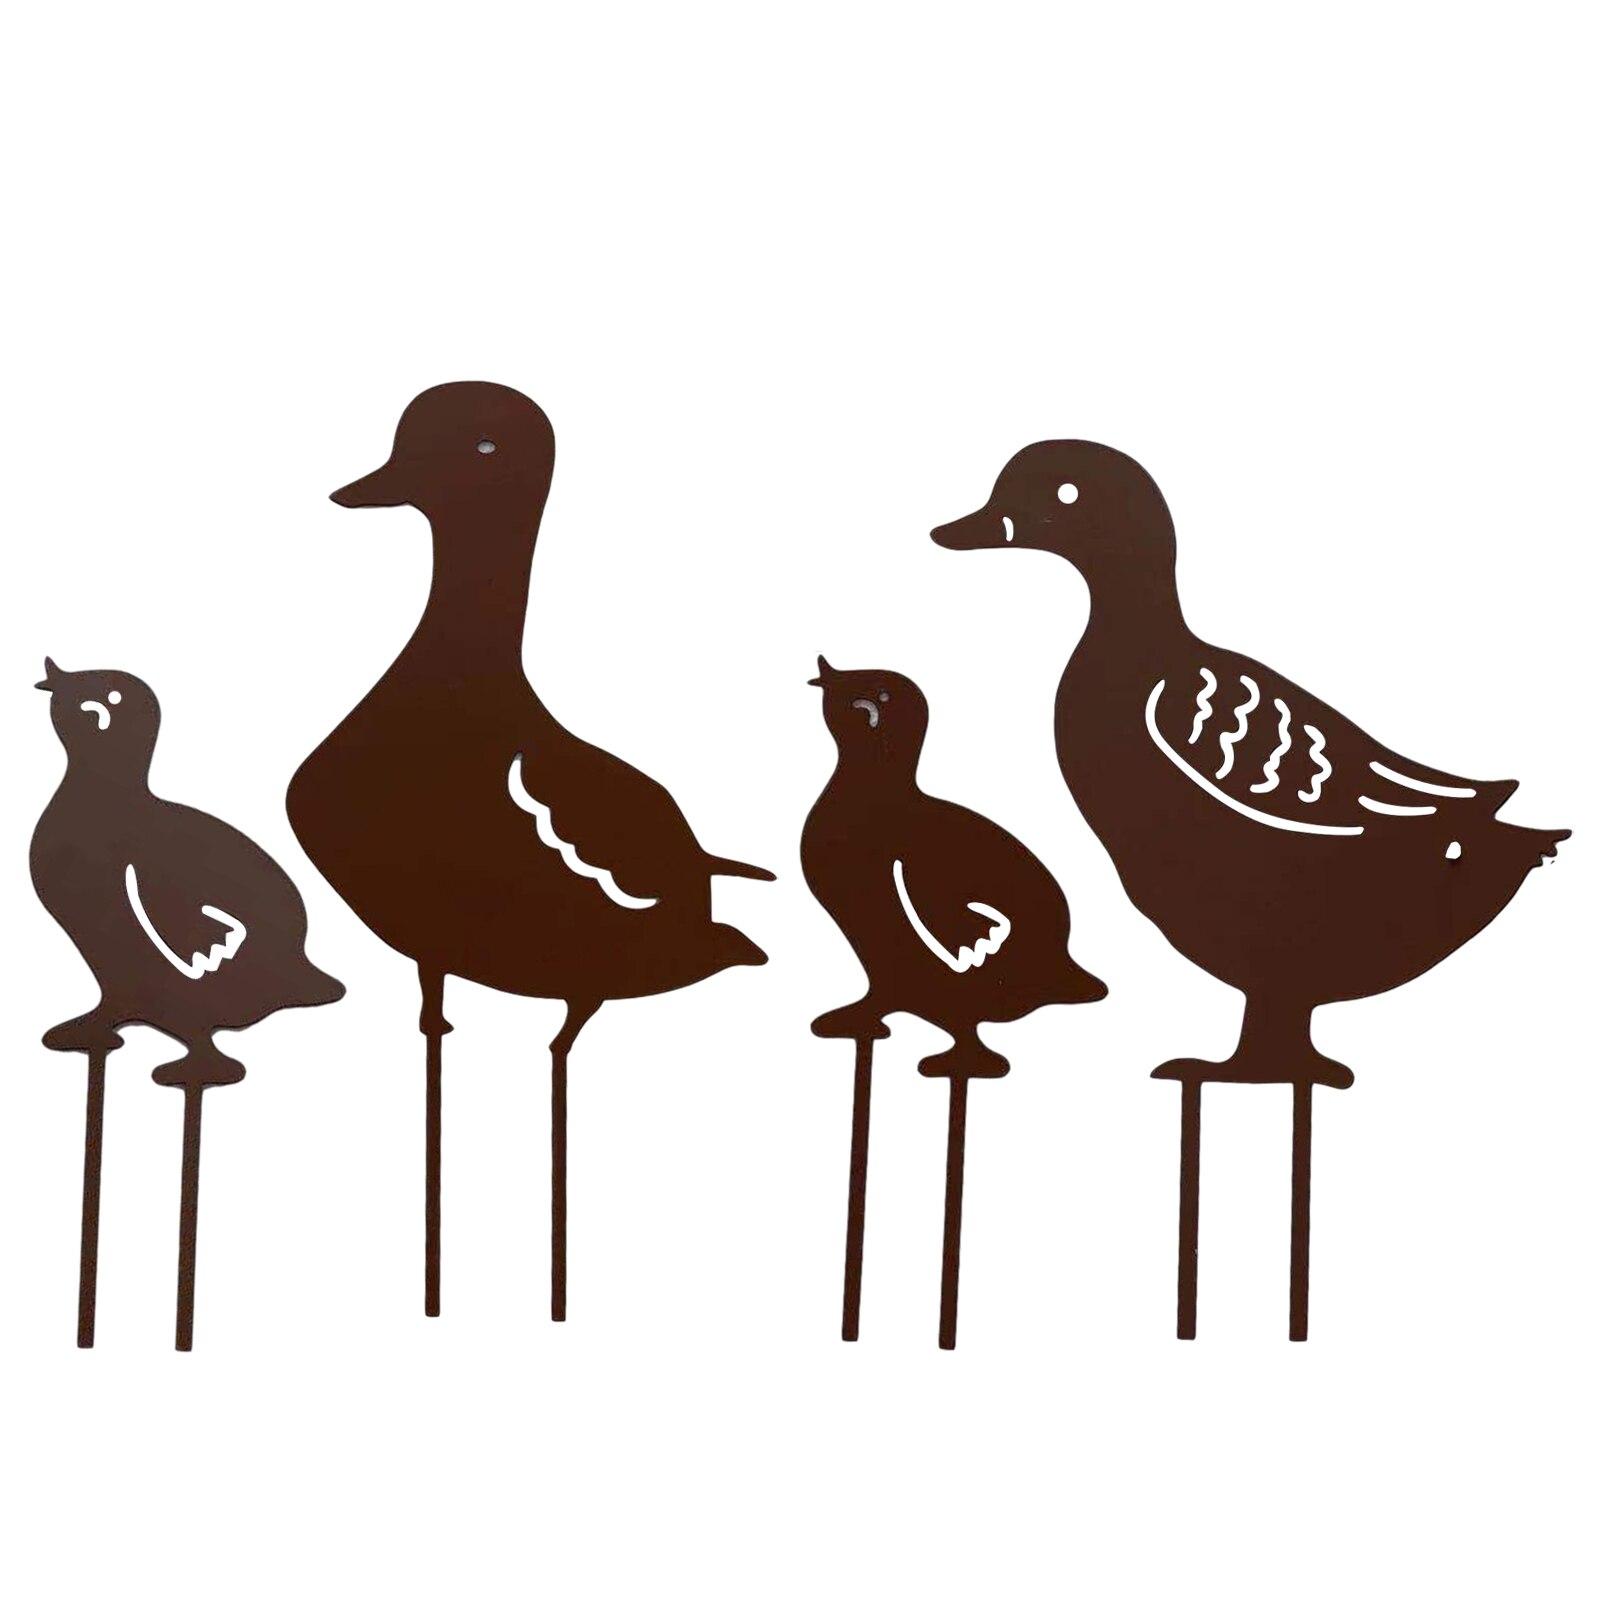 Новая декоративная утка для сада, уличные садовые статуи, пластиковая утка, курица, двор, искусство, утка, искусство, украшение для сада, двор...